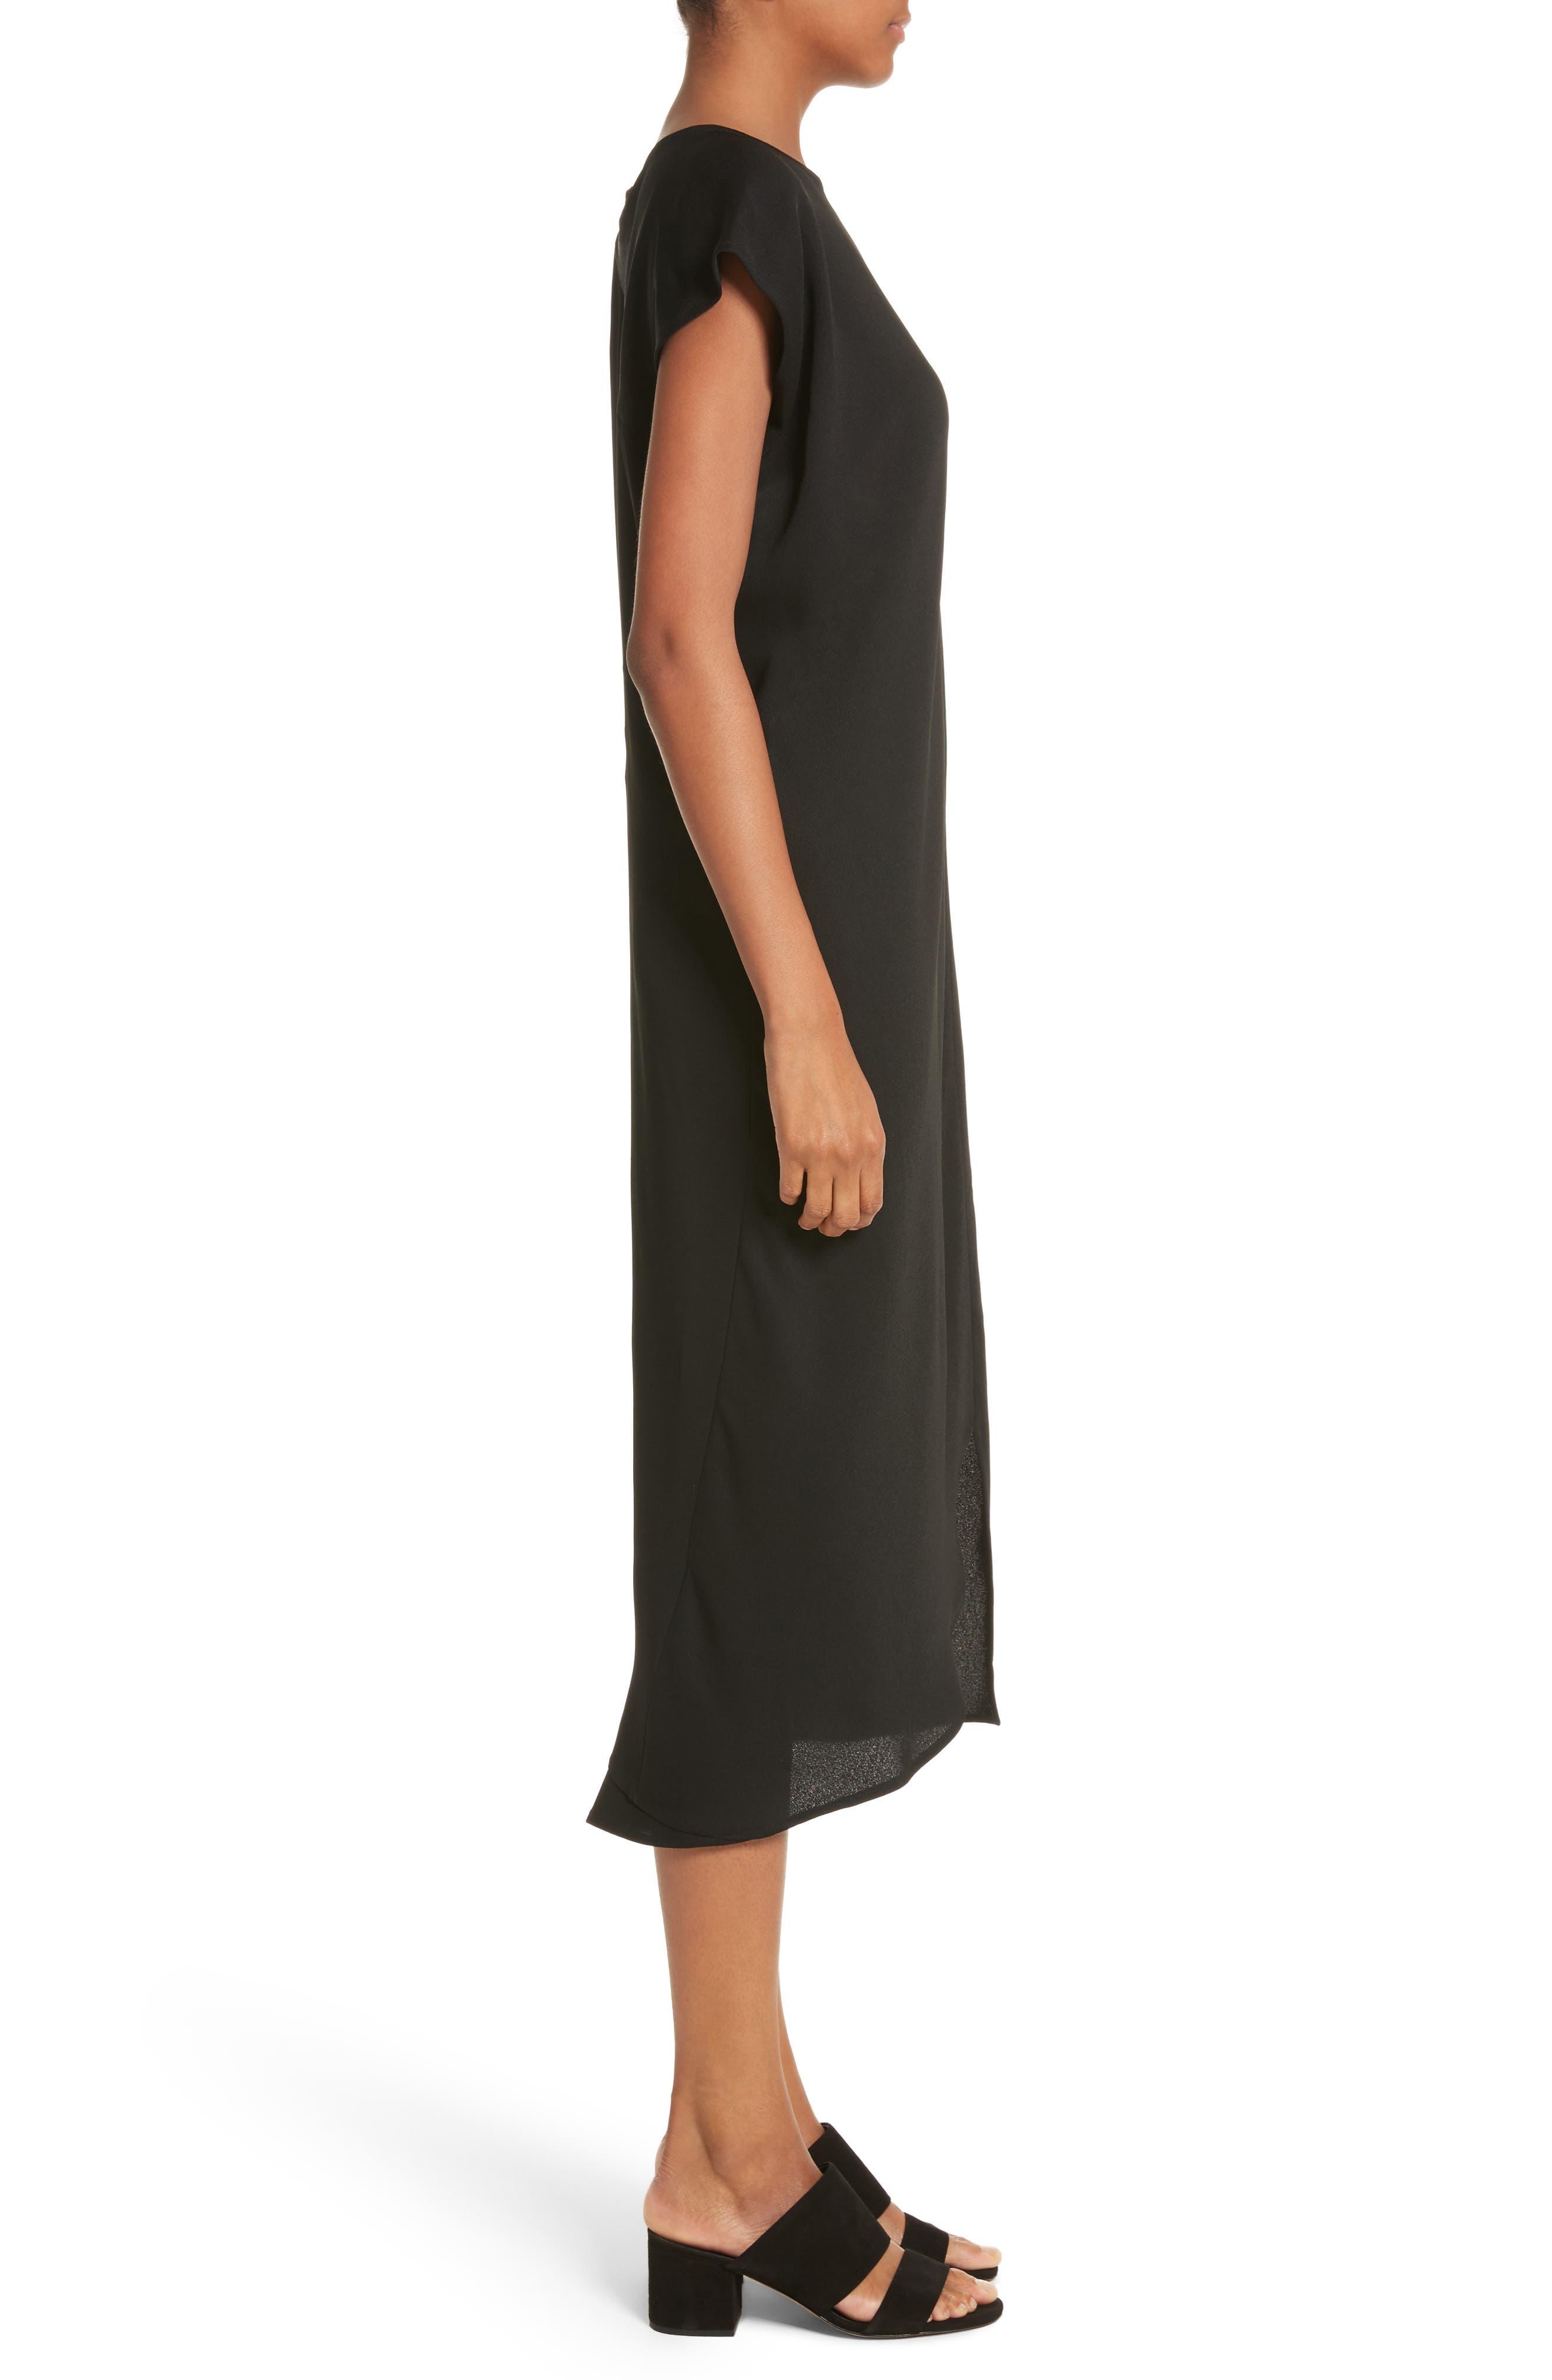 Tula Eco Drape Dress,                             Alternate thumbnail 3, color,                             001